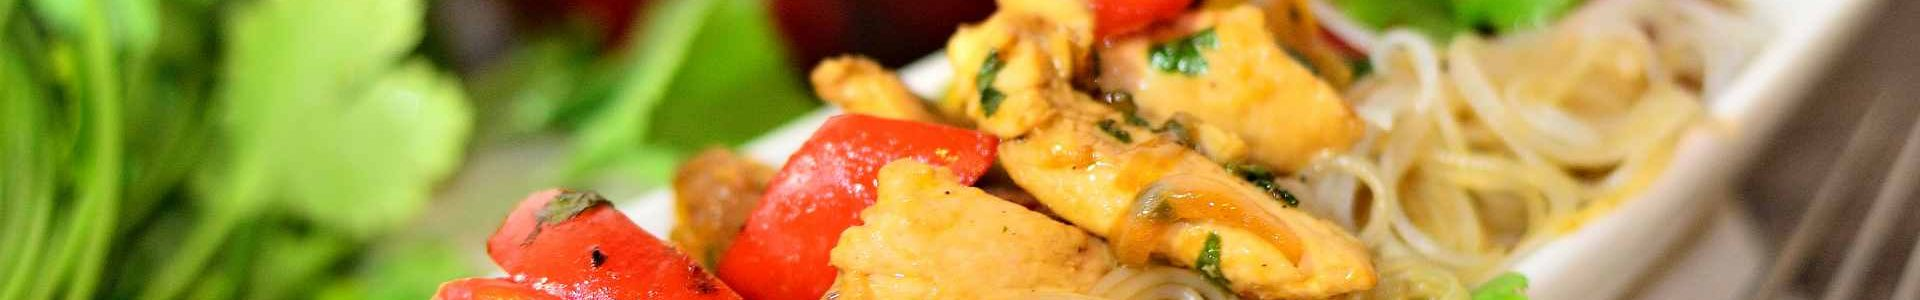 Рисовая лапша с острой курицей и перцем